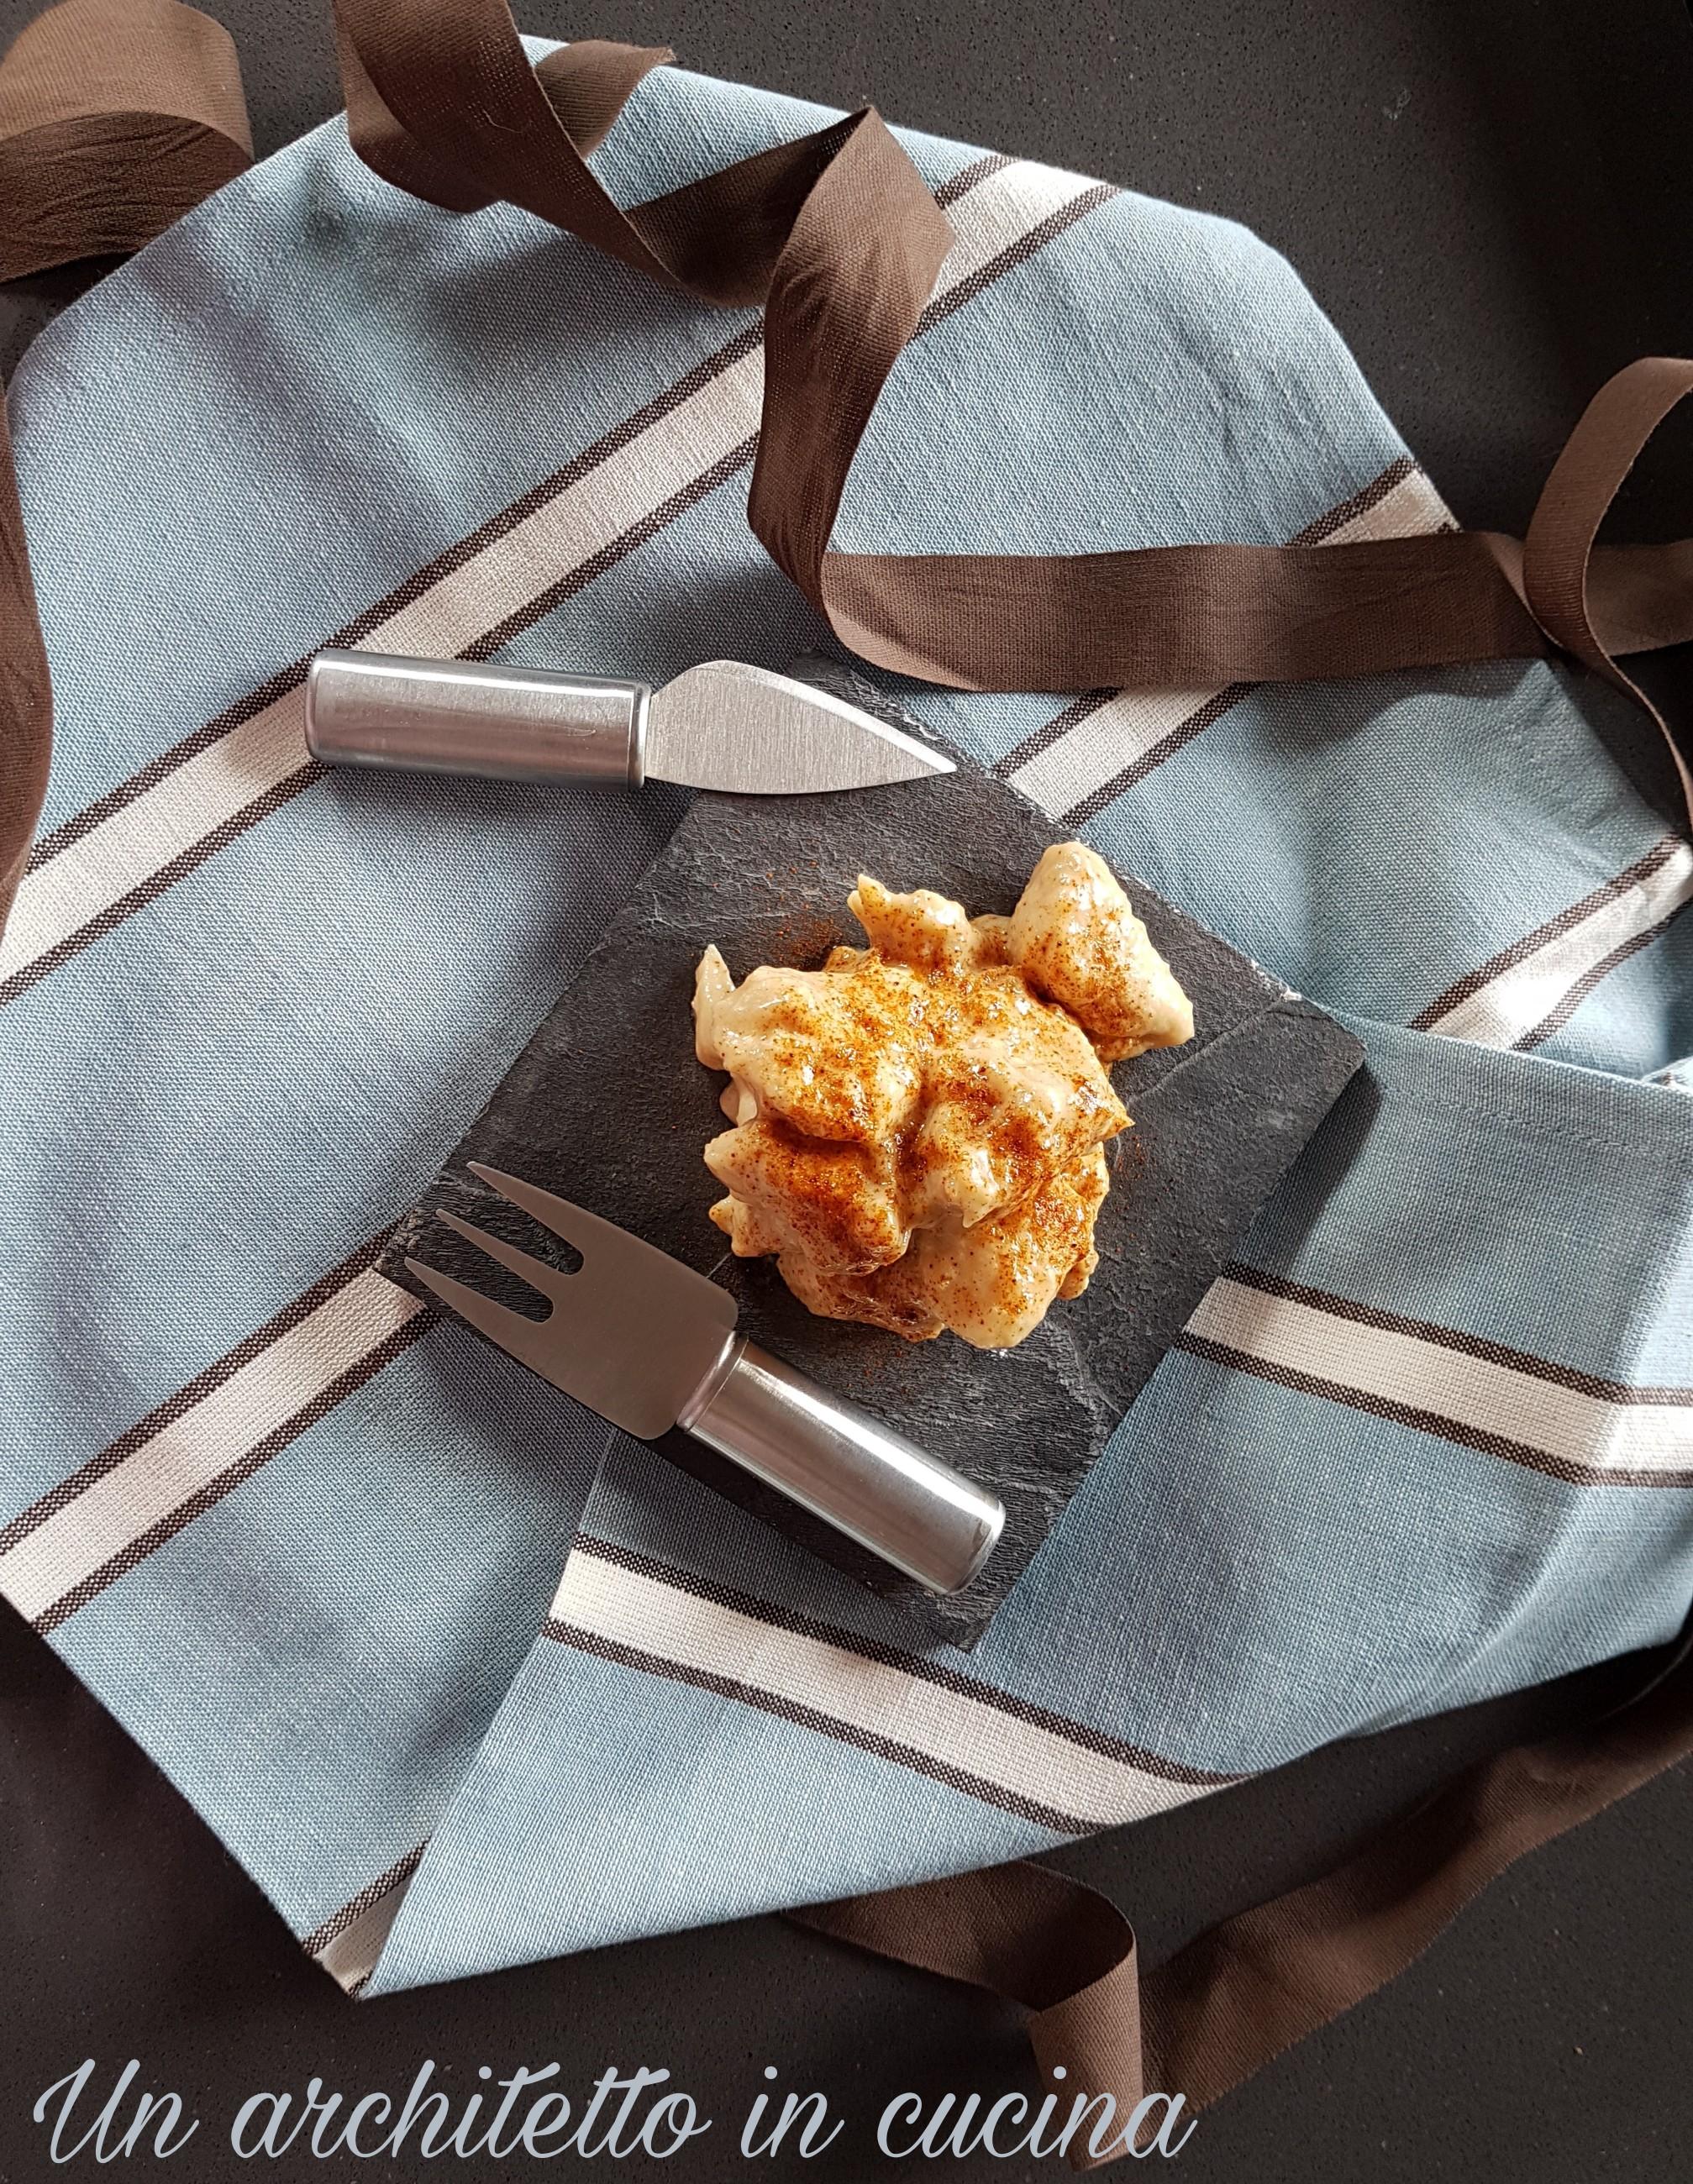 Bocconcini di pollo con salsa di aceto balsamico